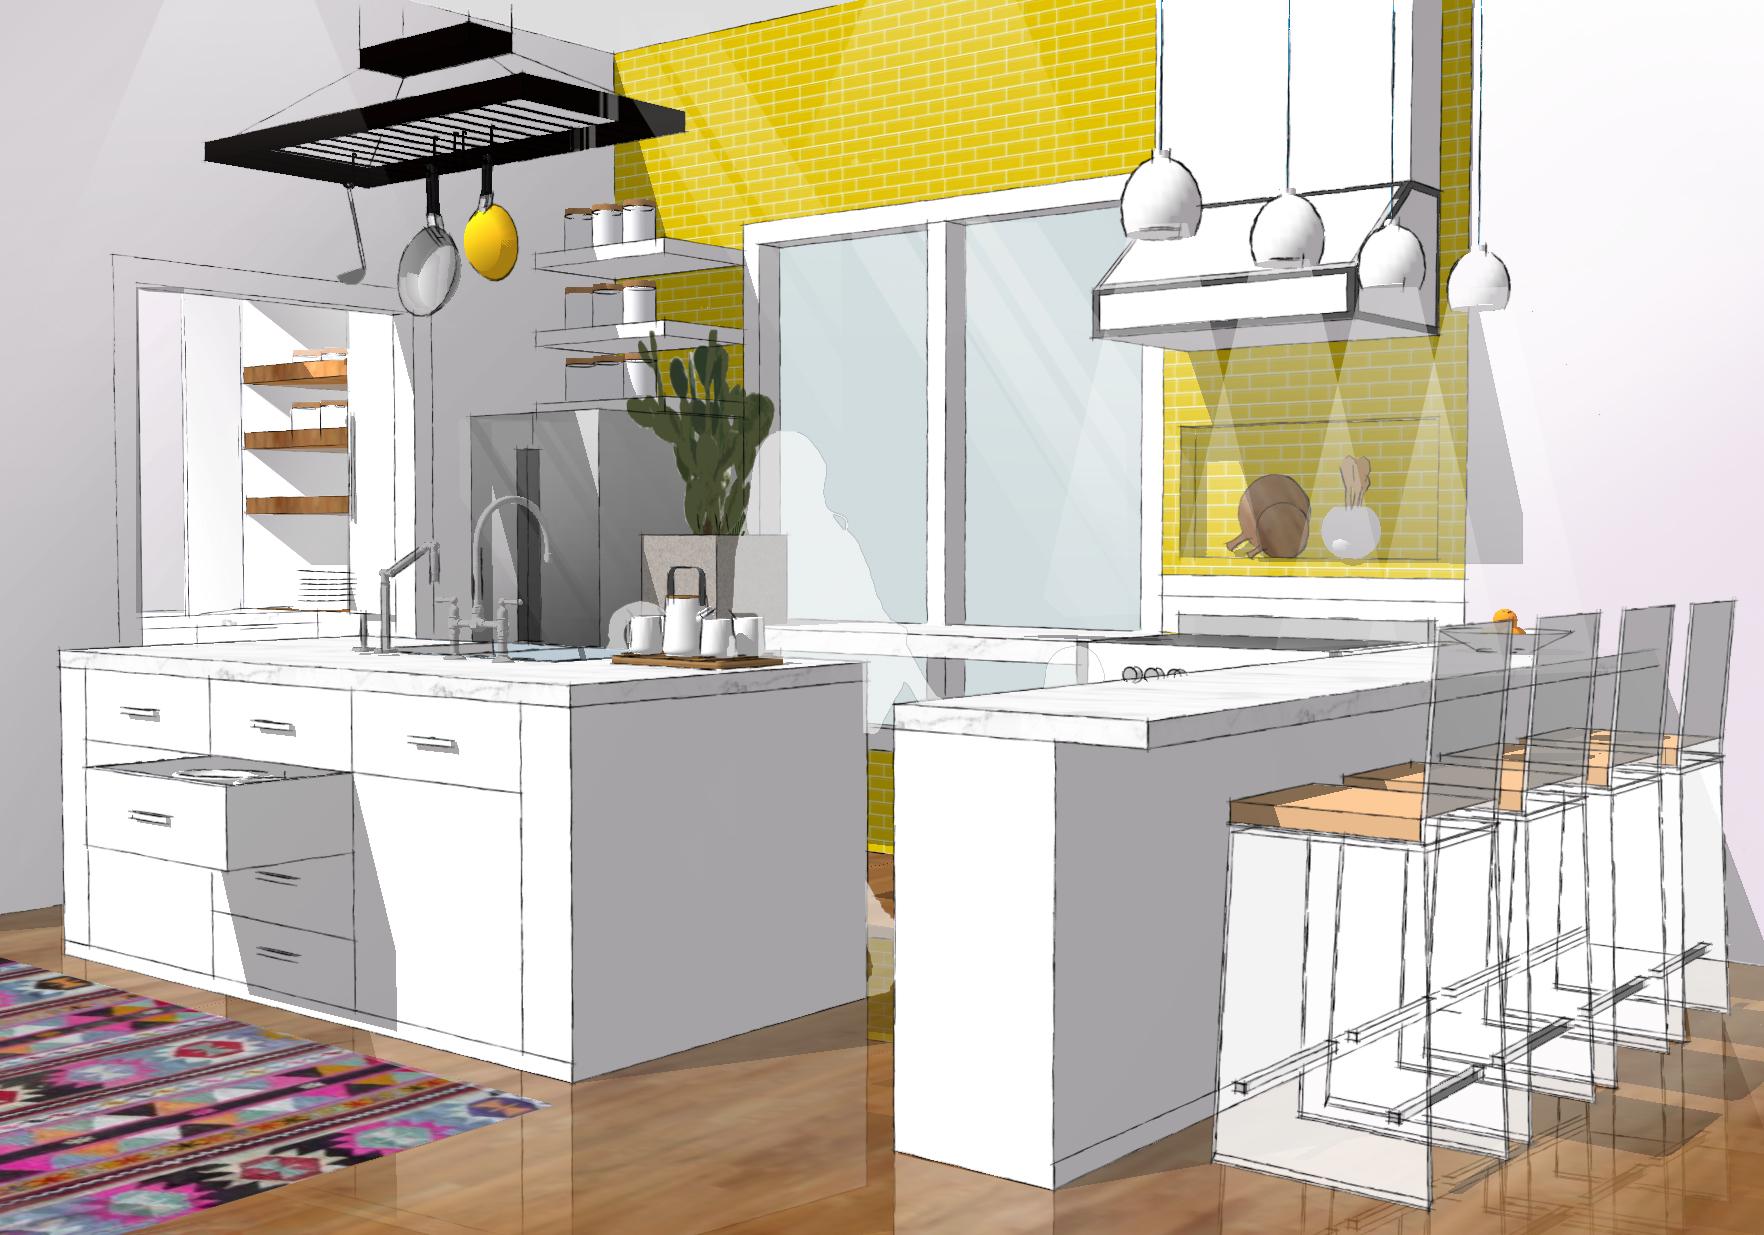 Bache_Kitchen_v2.jpg